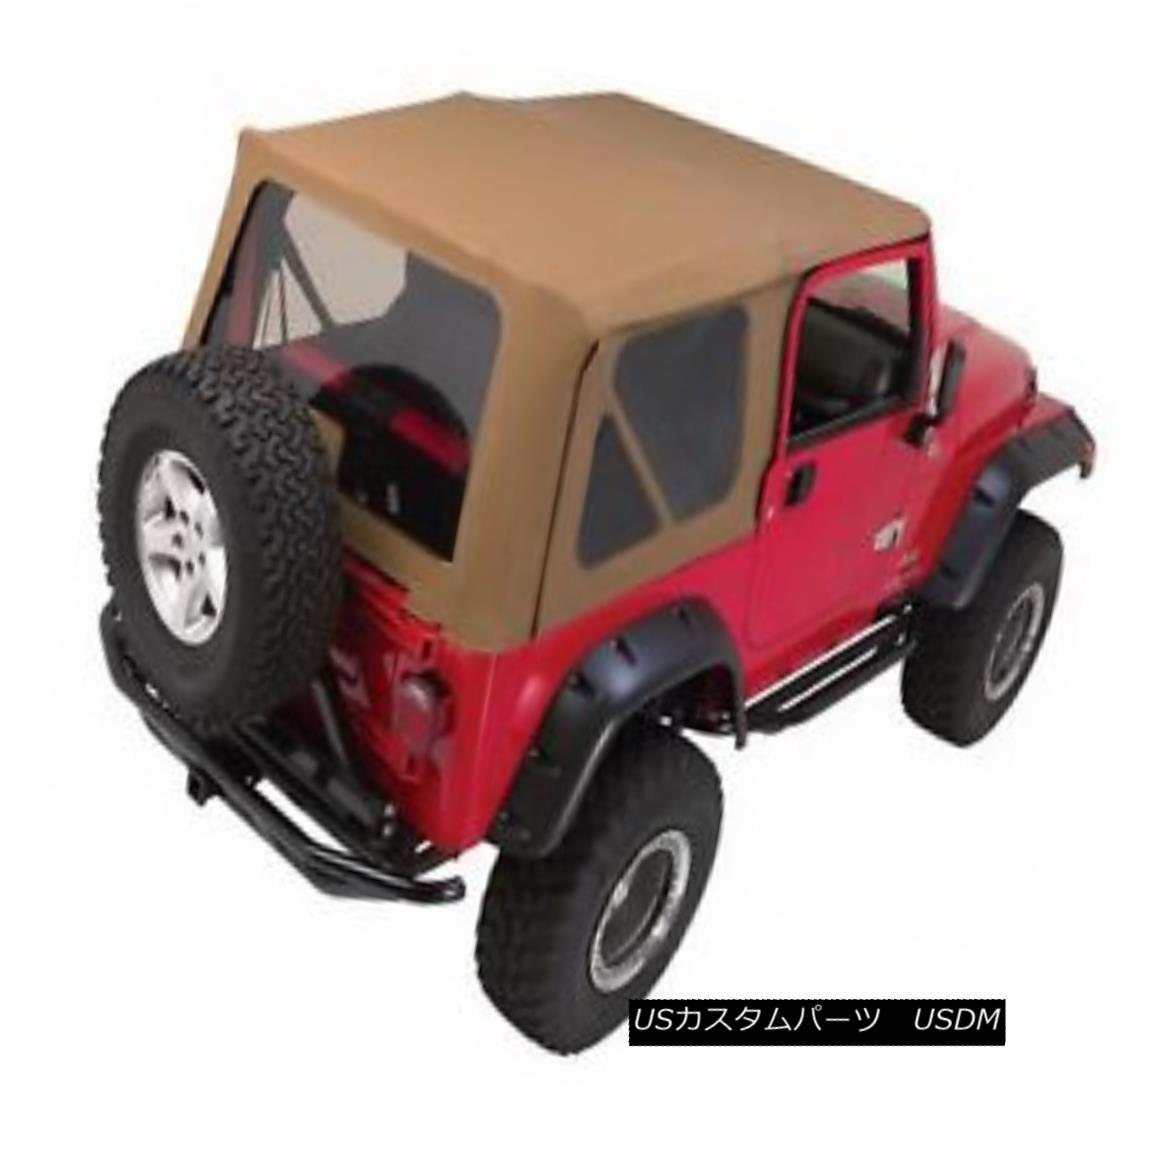 幌・ソフトトップ Rampage 68817 Complete Soft Top Kit Fits 97-06 Wrangler (TJ) Rampage 68817完全なソフトトップキット、97-06 Wrangler(TJ)